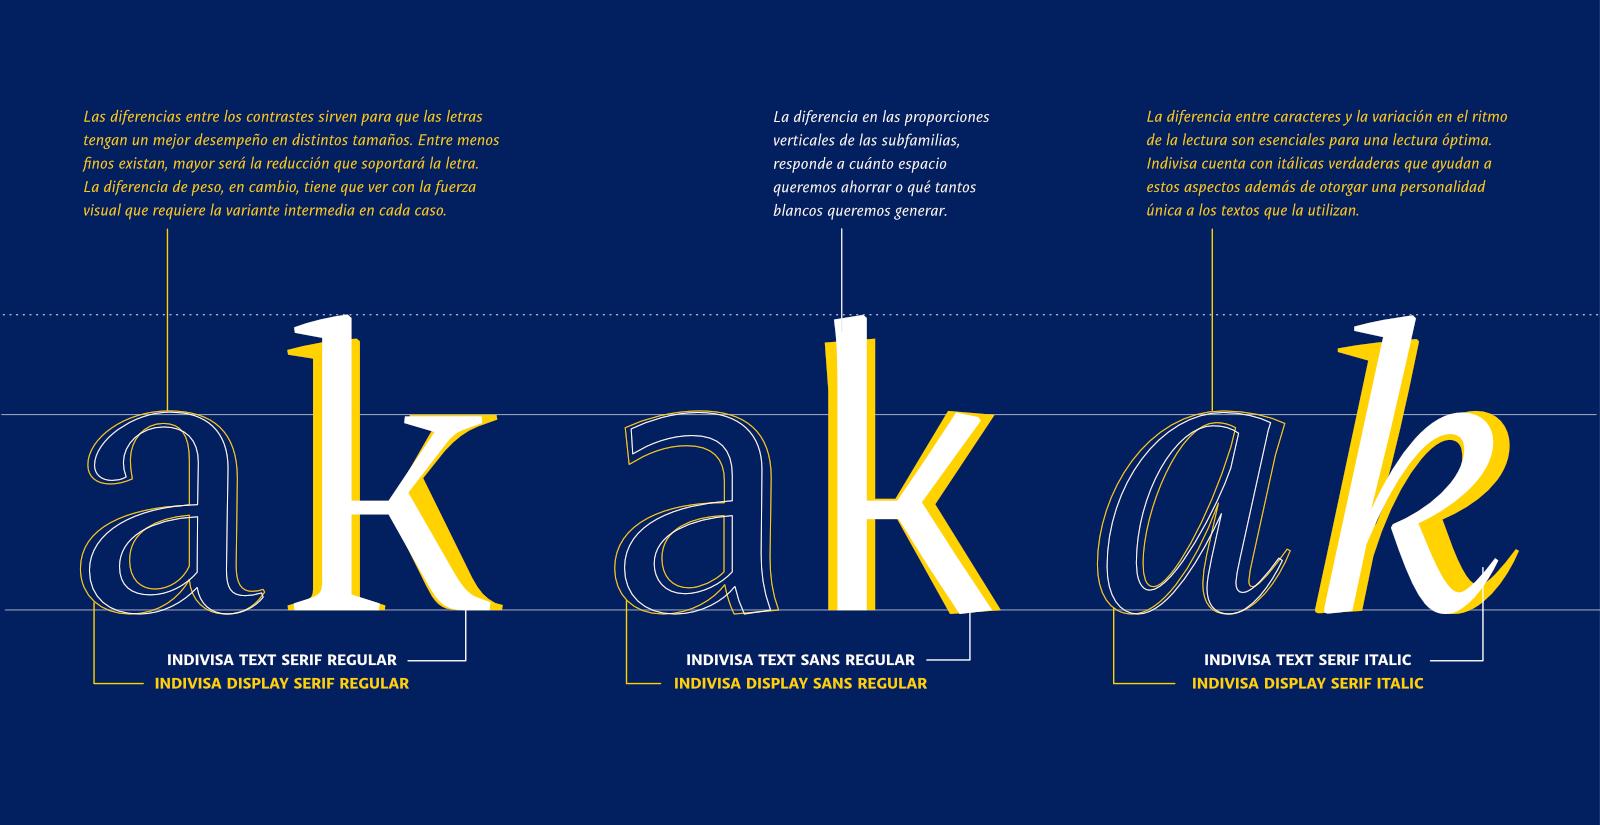 letras ak de indivisa